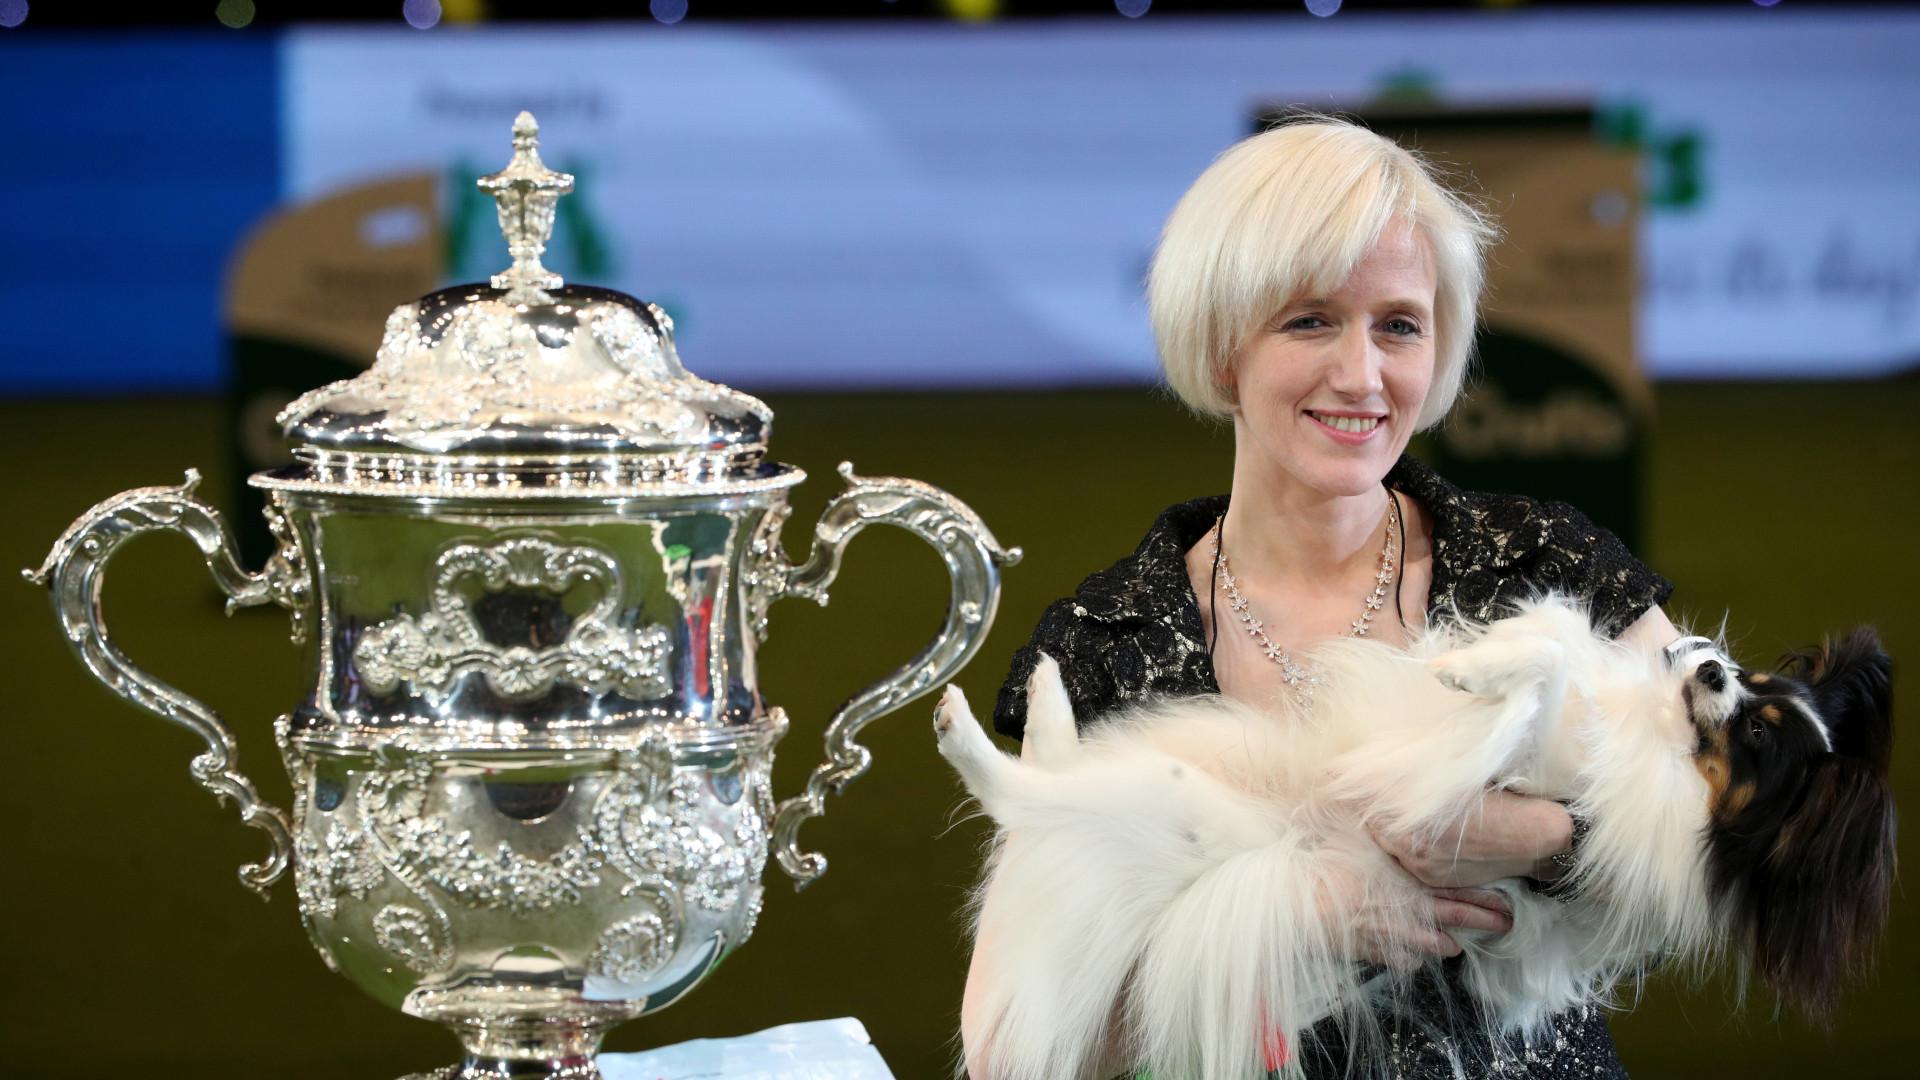 Dylan, da raça de cães papillon, leva o troféu do Crufts